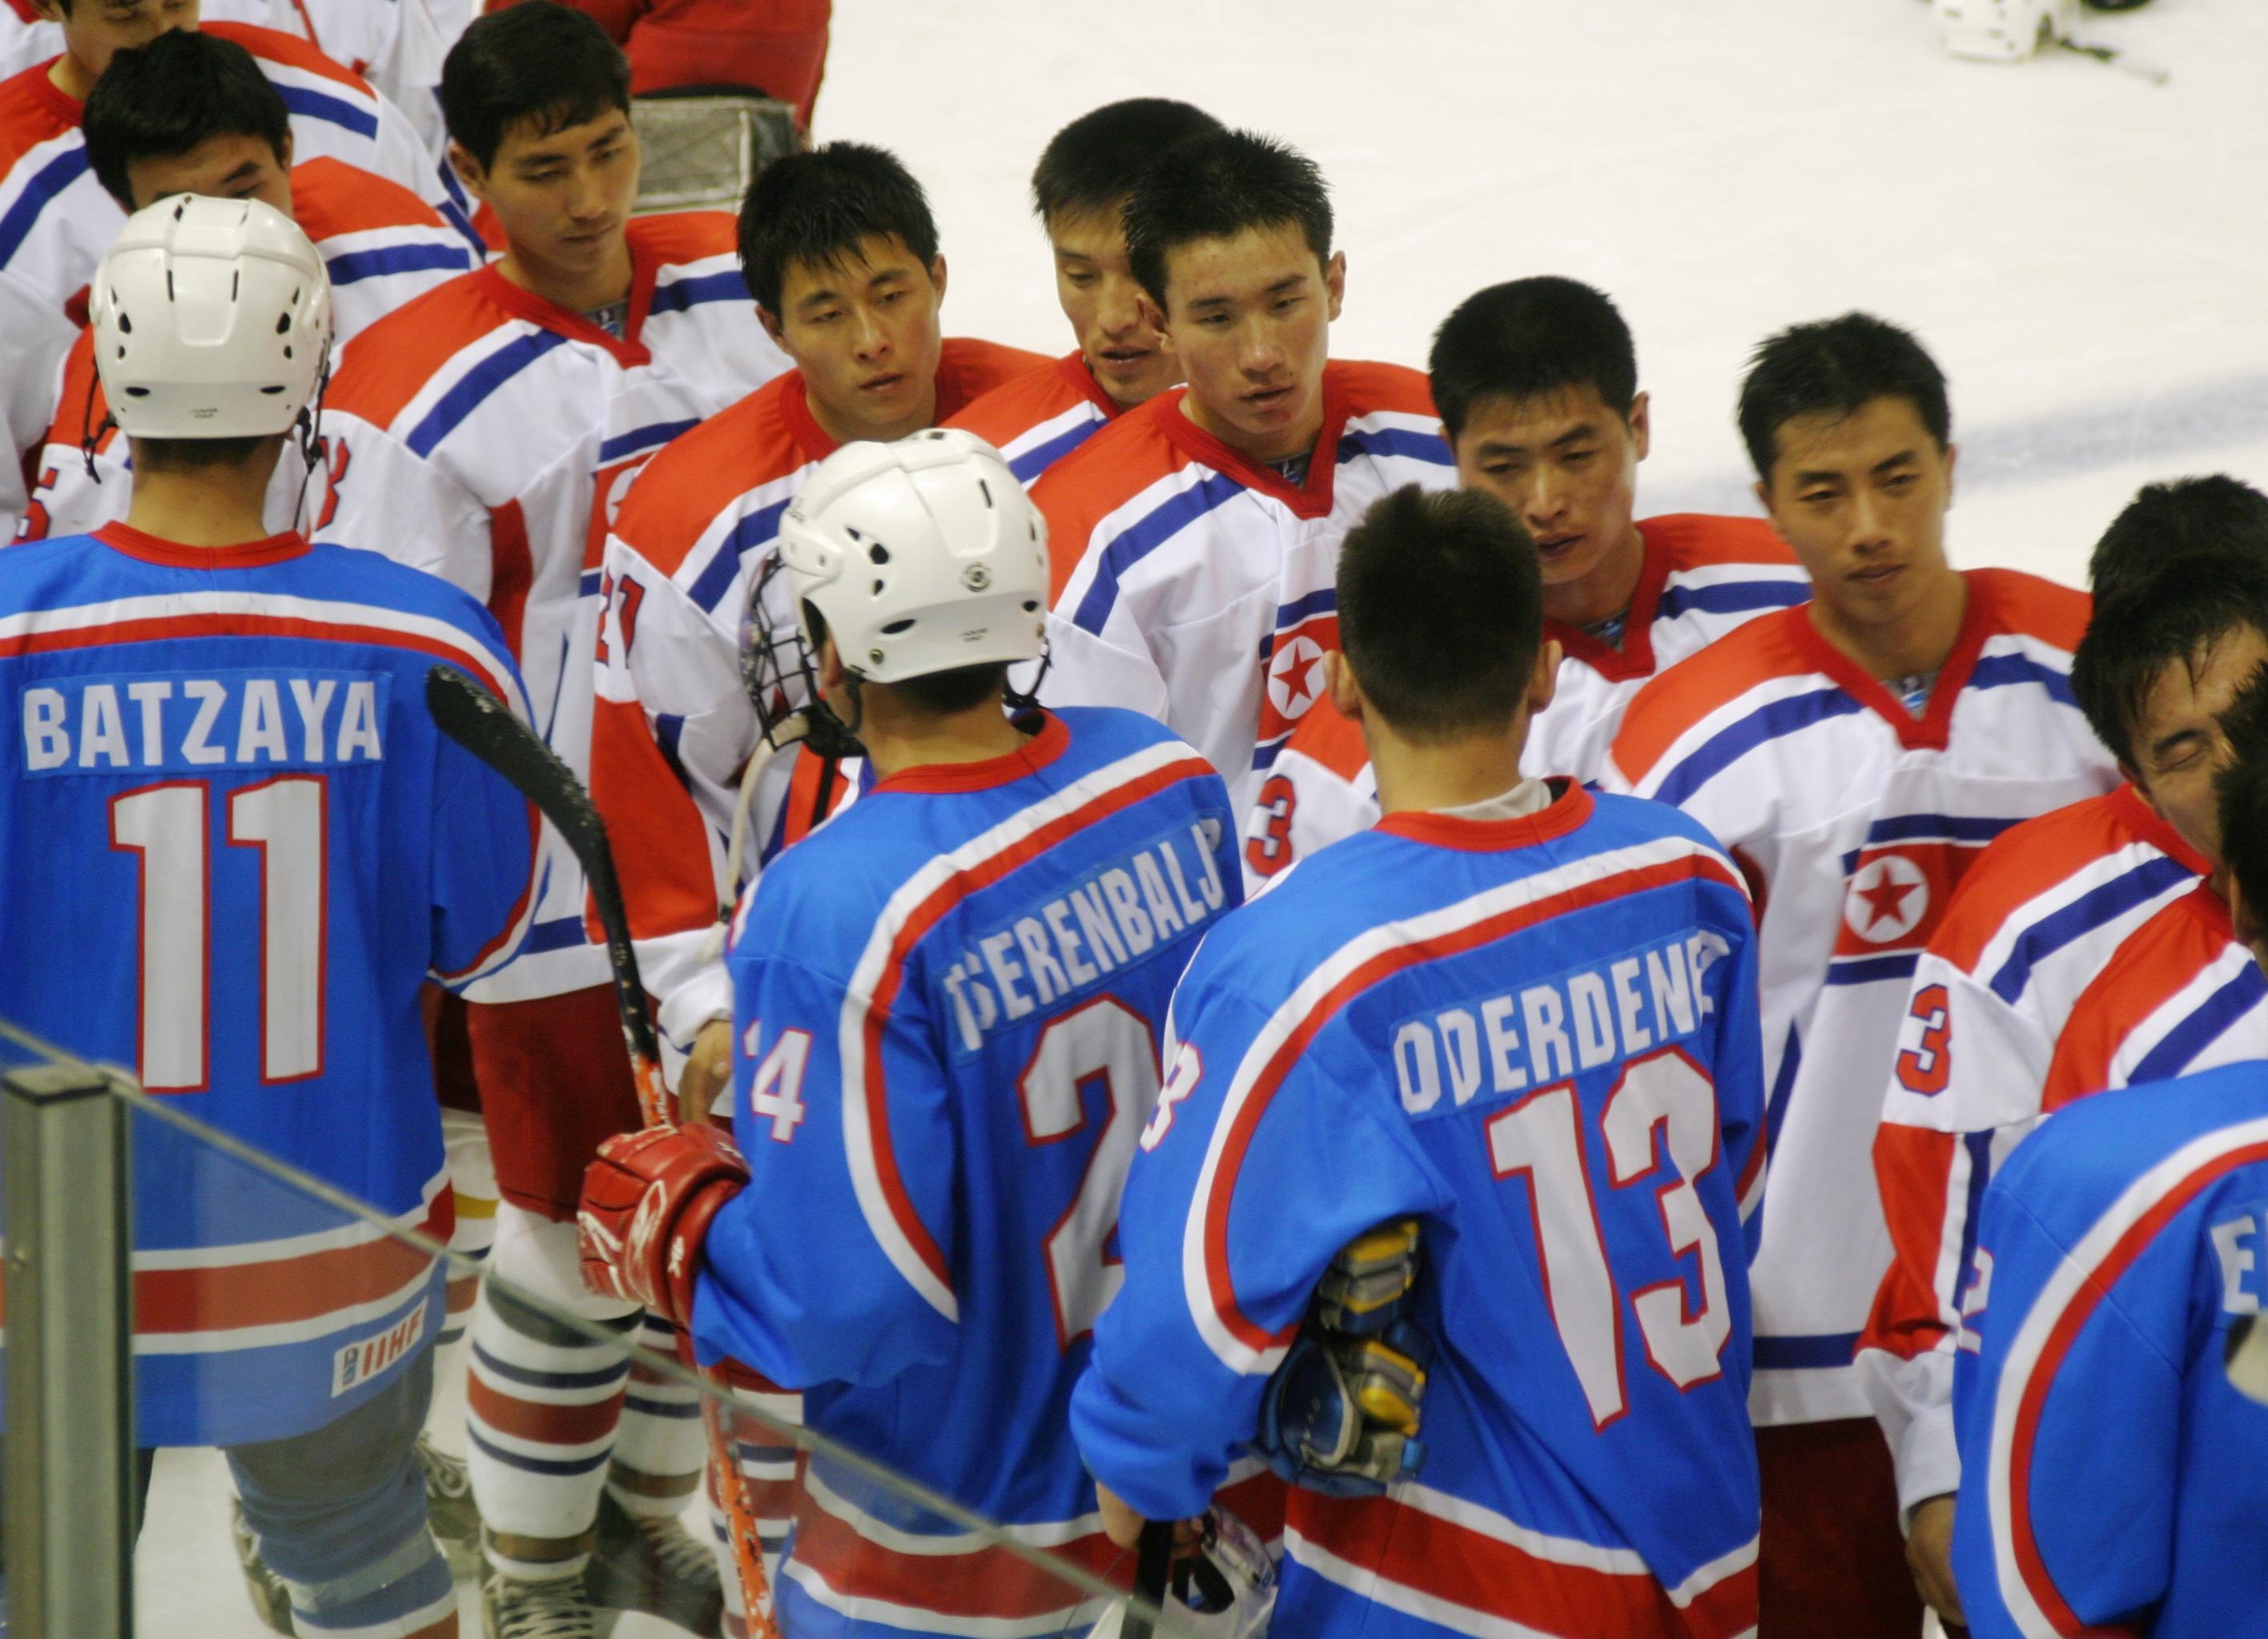 Eishockey: Die Mongolei spielt mit Herzblut